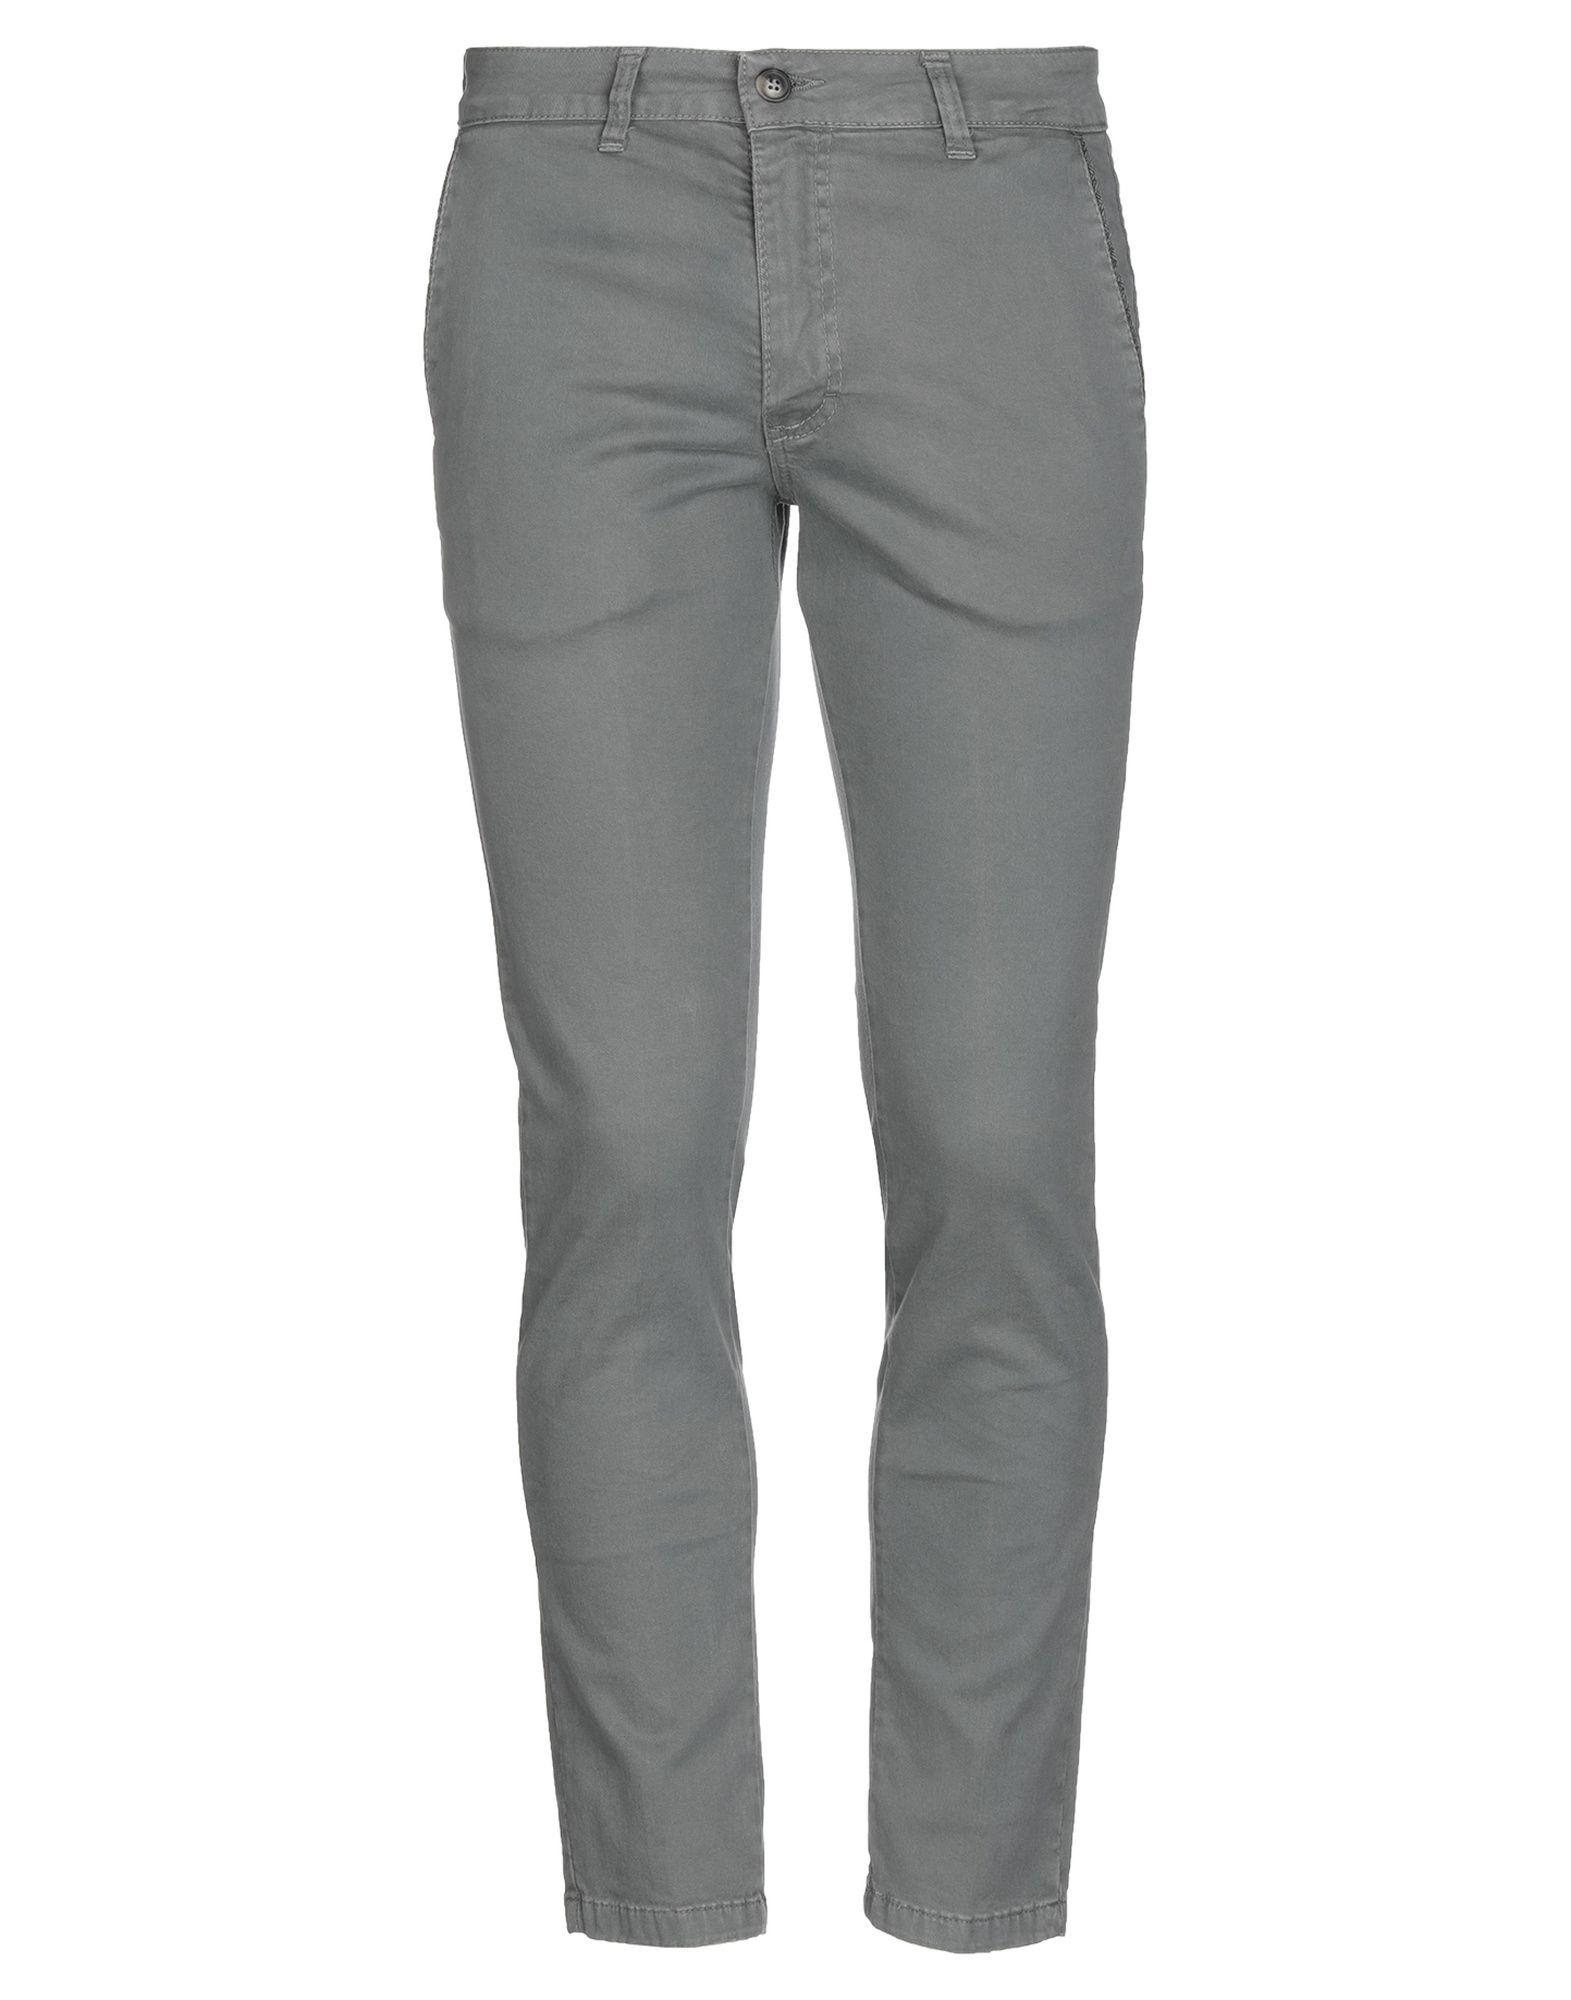 《期間限定セール中》WEBB ART OF WEAR メンズ パンツ グレー 48 コットン 98% / ポリウレタン 2%